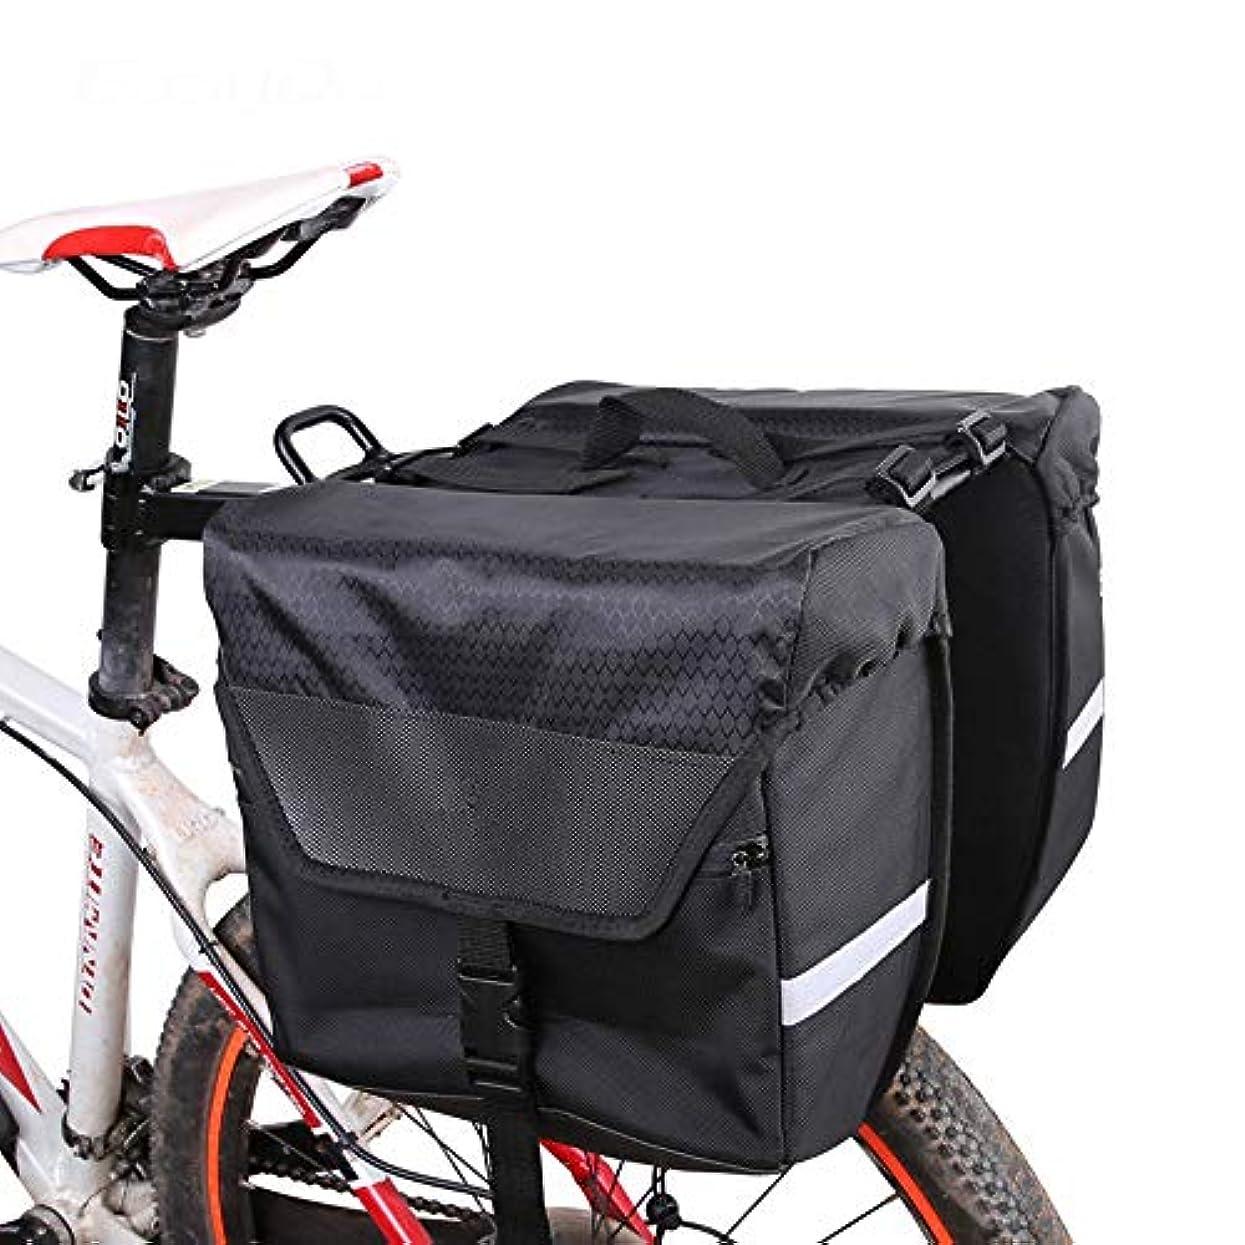 牛肉ひまわりボード自転車 リアバッグ 自転車パニエ自転車パニエトランクバッグ防水自転車後部座席パニエサイクリング旅行に適合 バイクフレームバッグ (Size : Small)